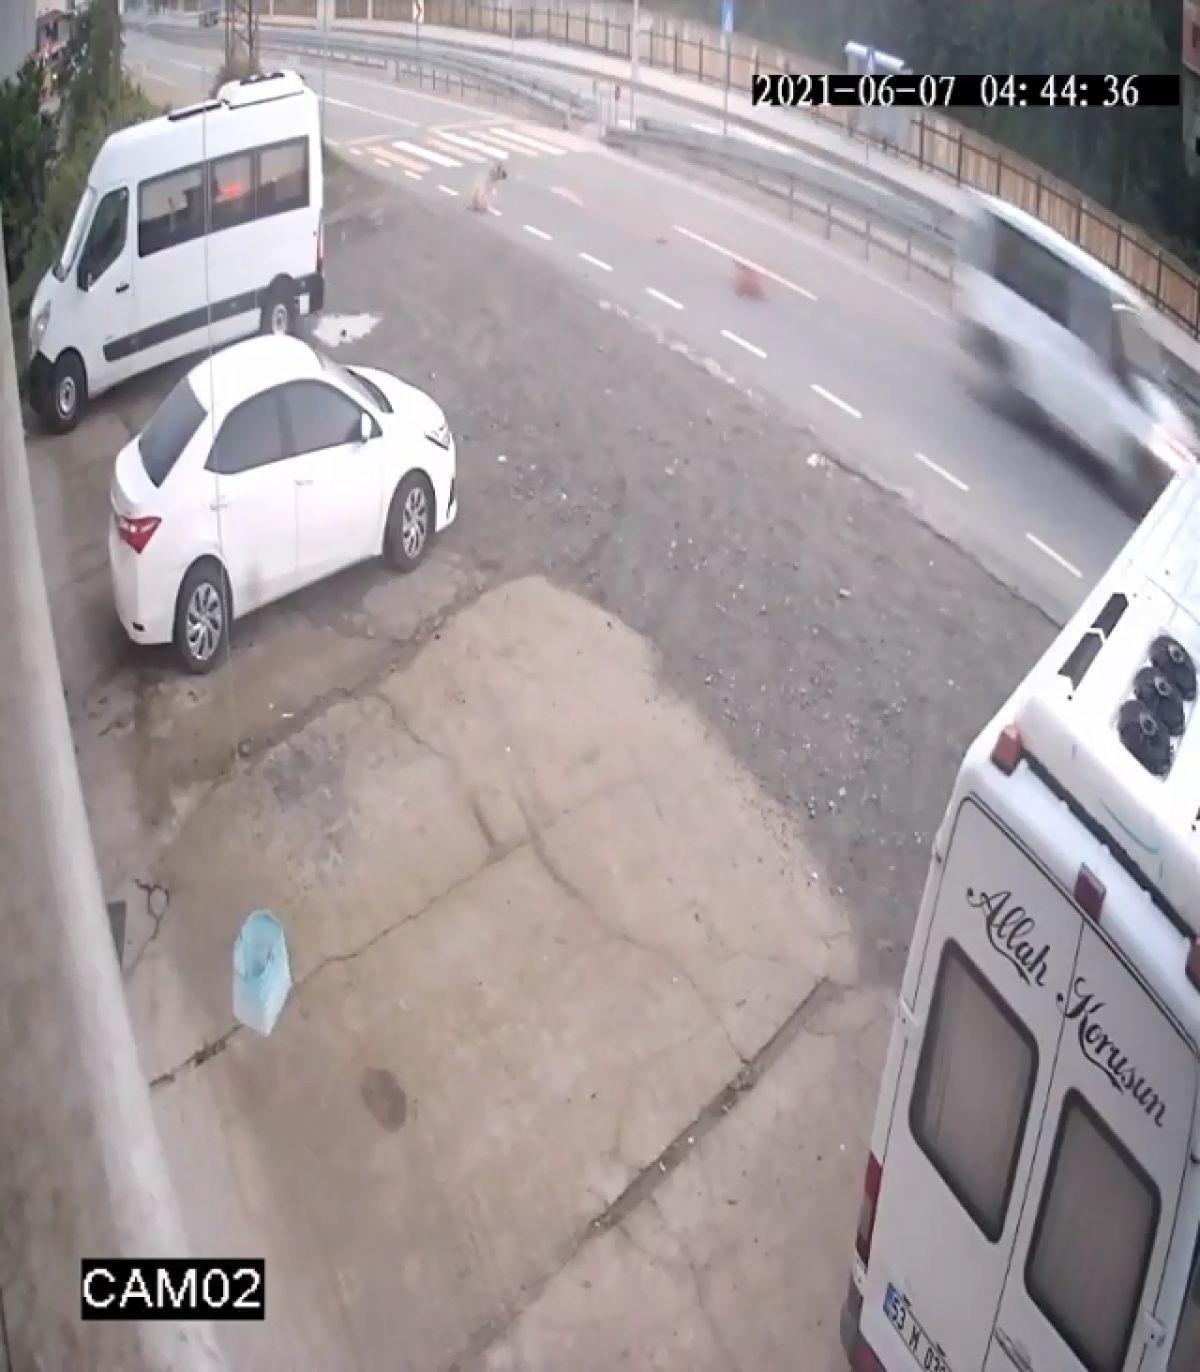 Rize de köpeği öldüren sürücüye 966 TL ceza verildi #5